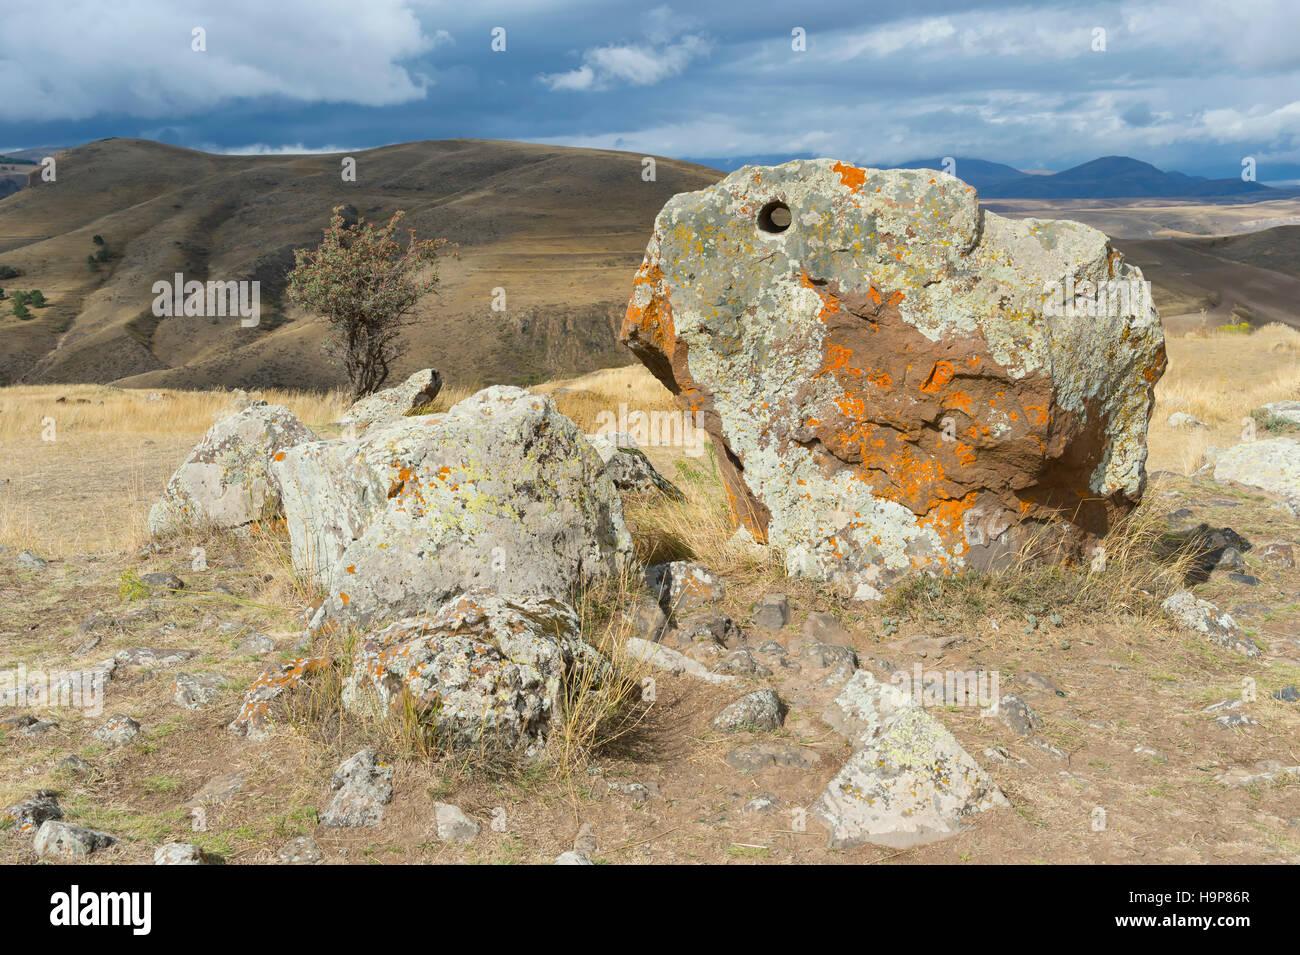 Prähistorischen Ausgrabungsstätte Karer von Zorats, Sissian, Provinz von Syunik, Armenien, Kaukasus, Naher Osten, Asien Stockfoto